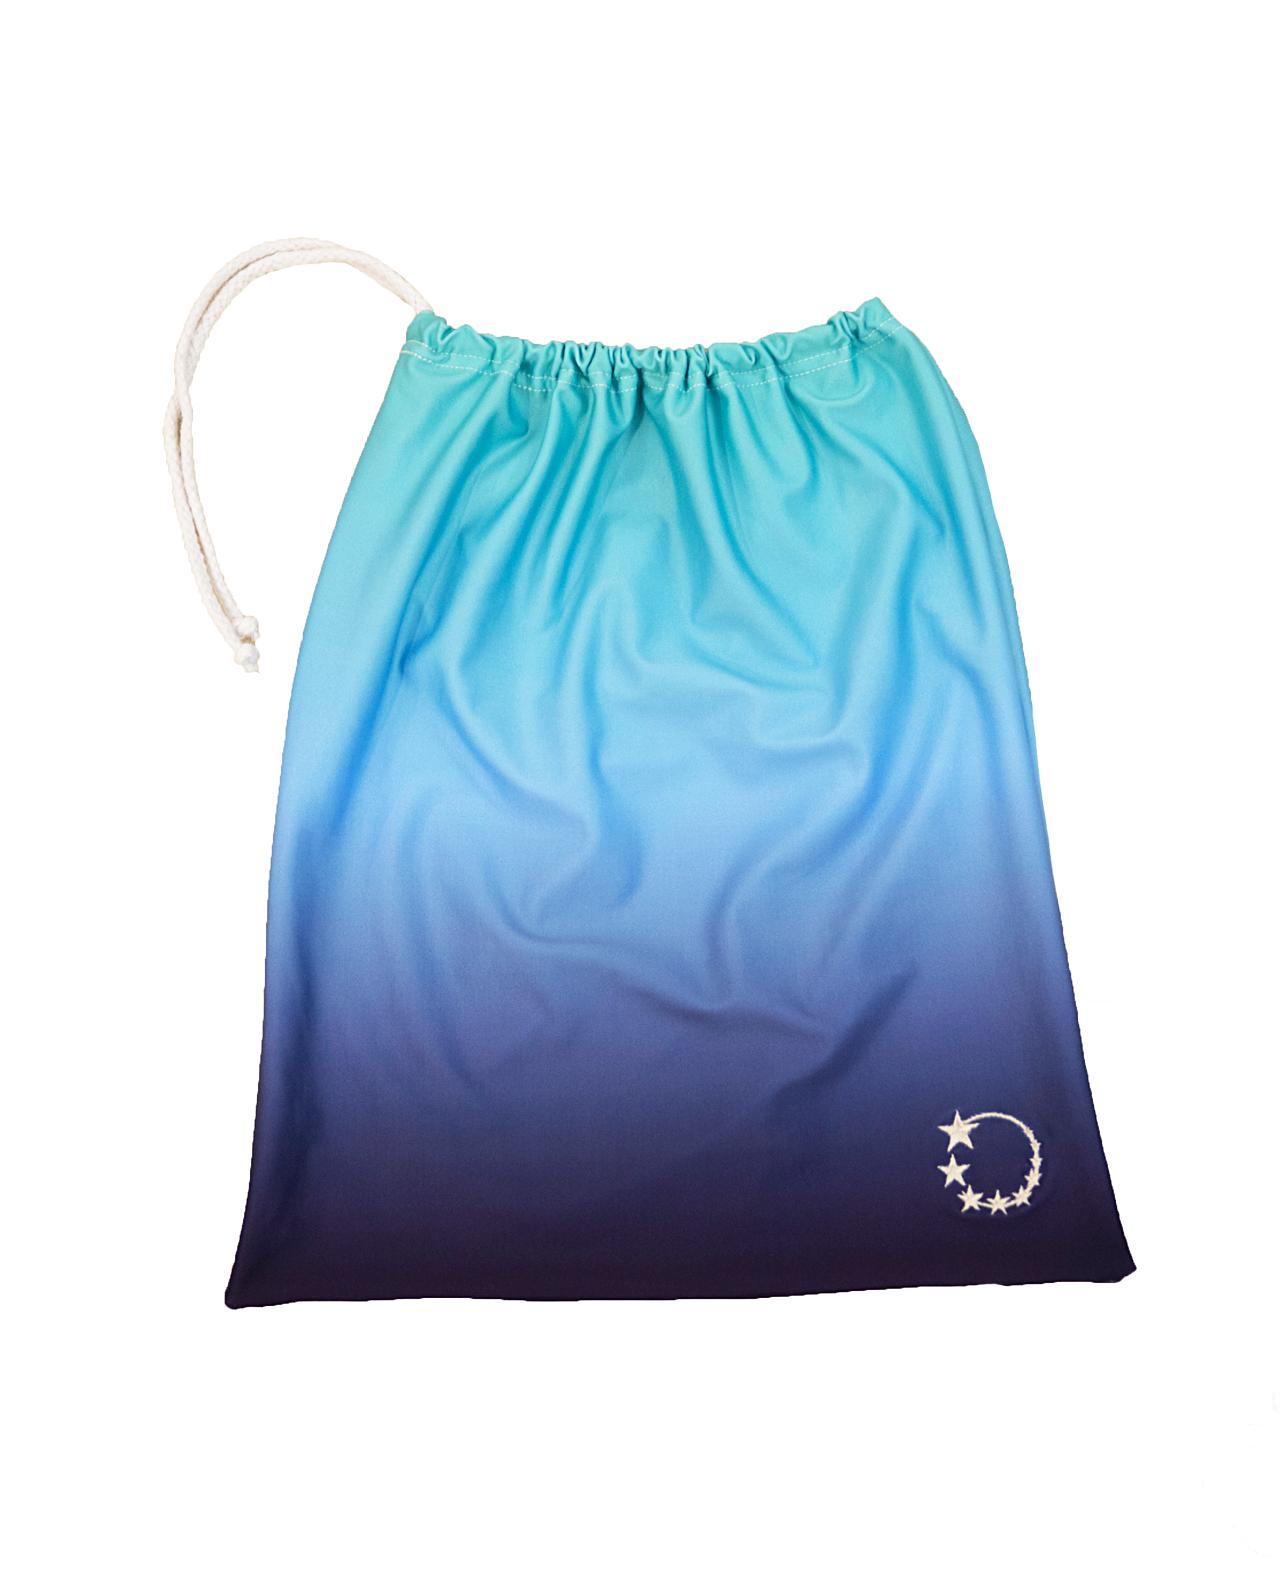 mint and blue gymnastics hand guard bag